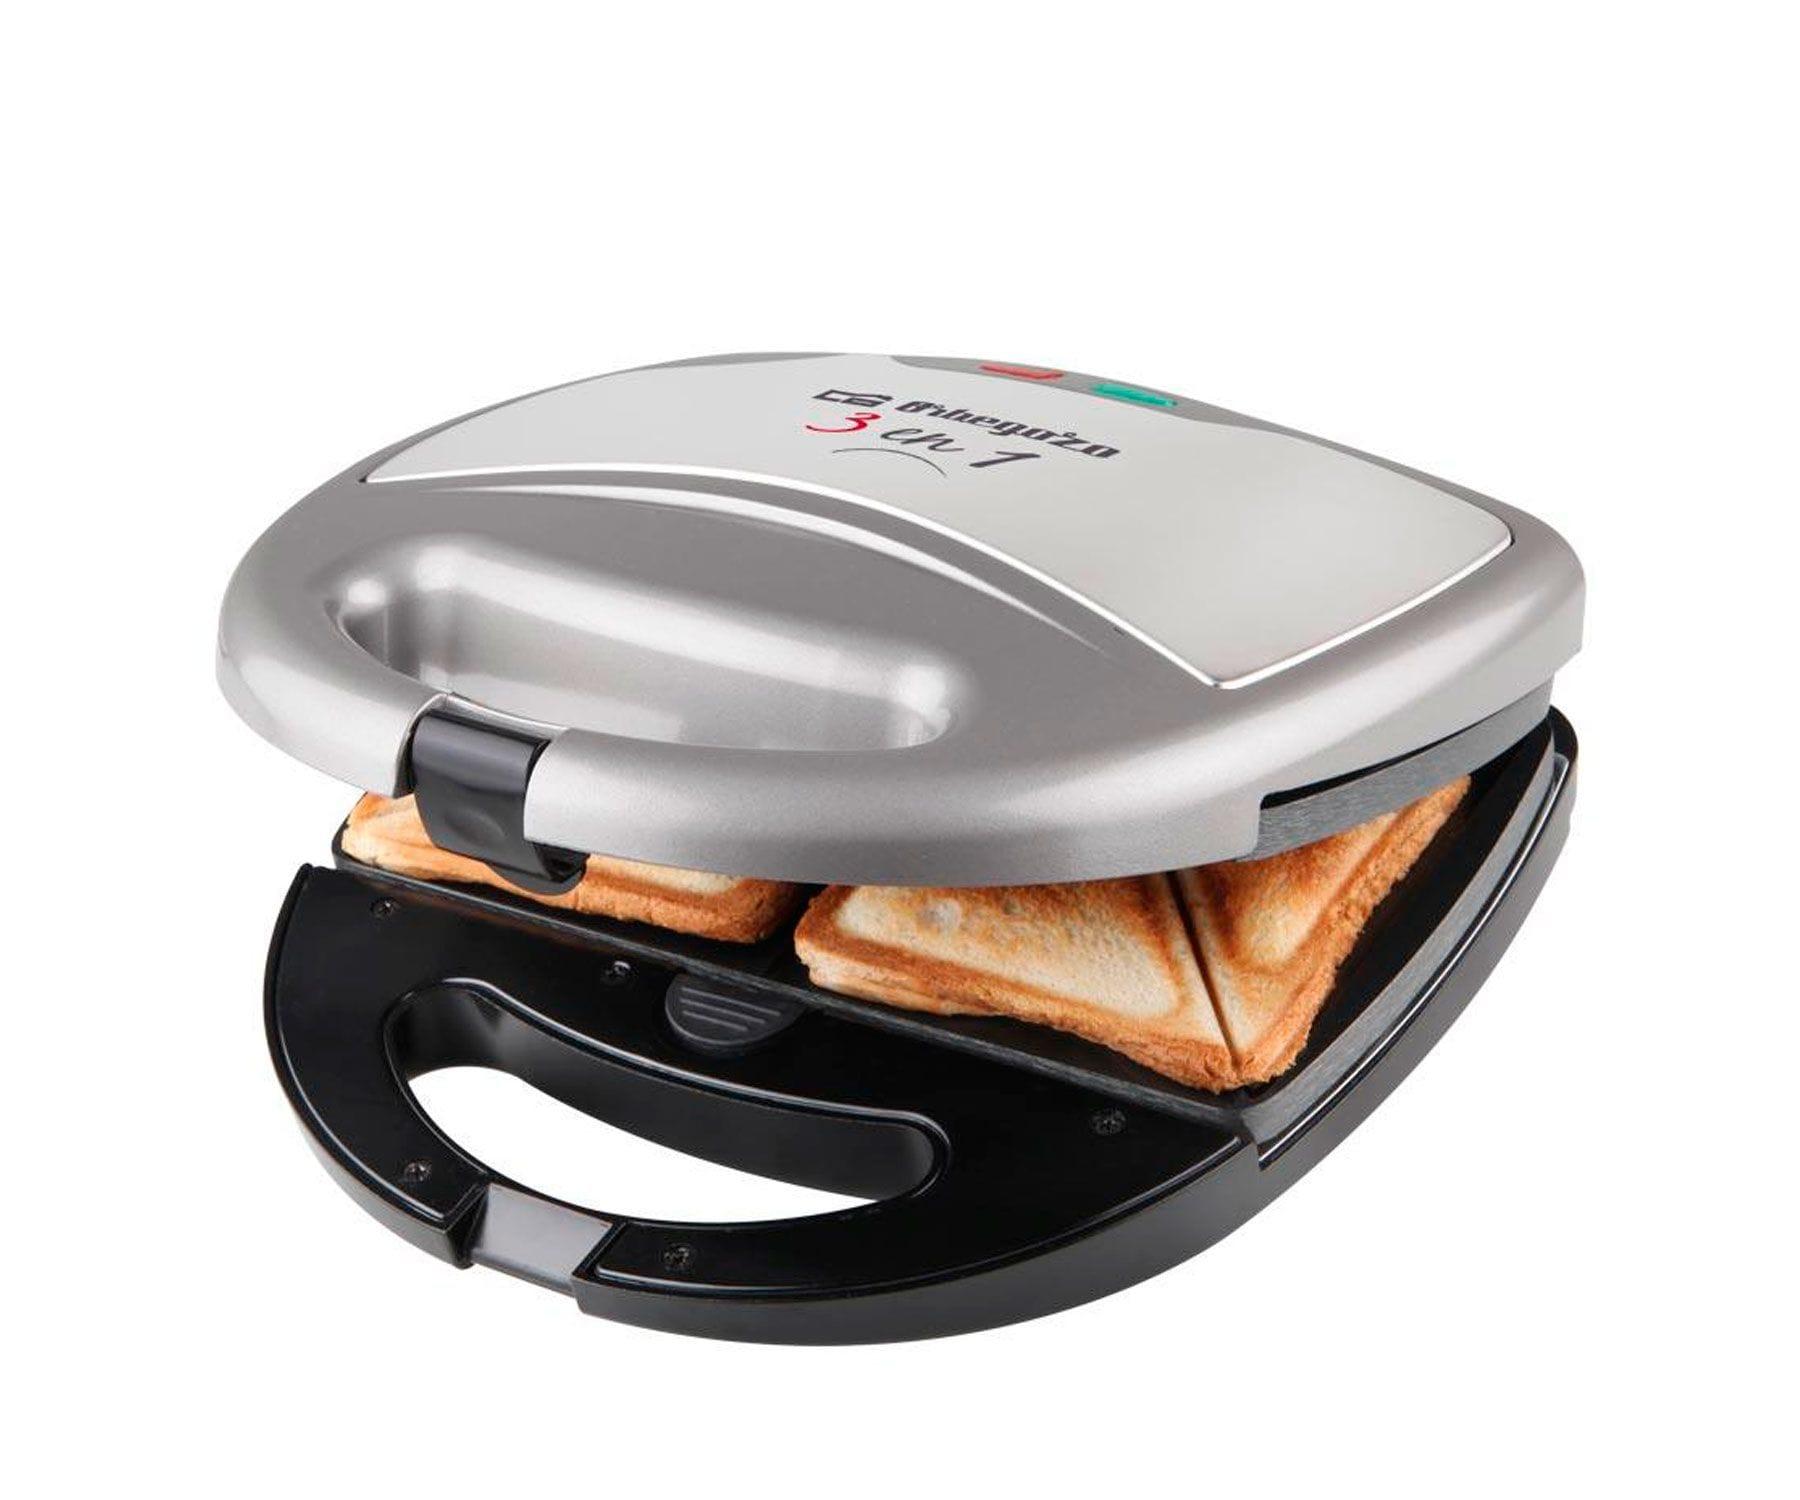 Orbegozo SW7550 Sandwichera multifunción 3 en 1/Grill/Gofre/Inox